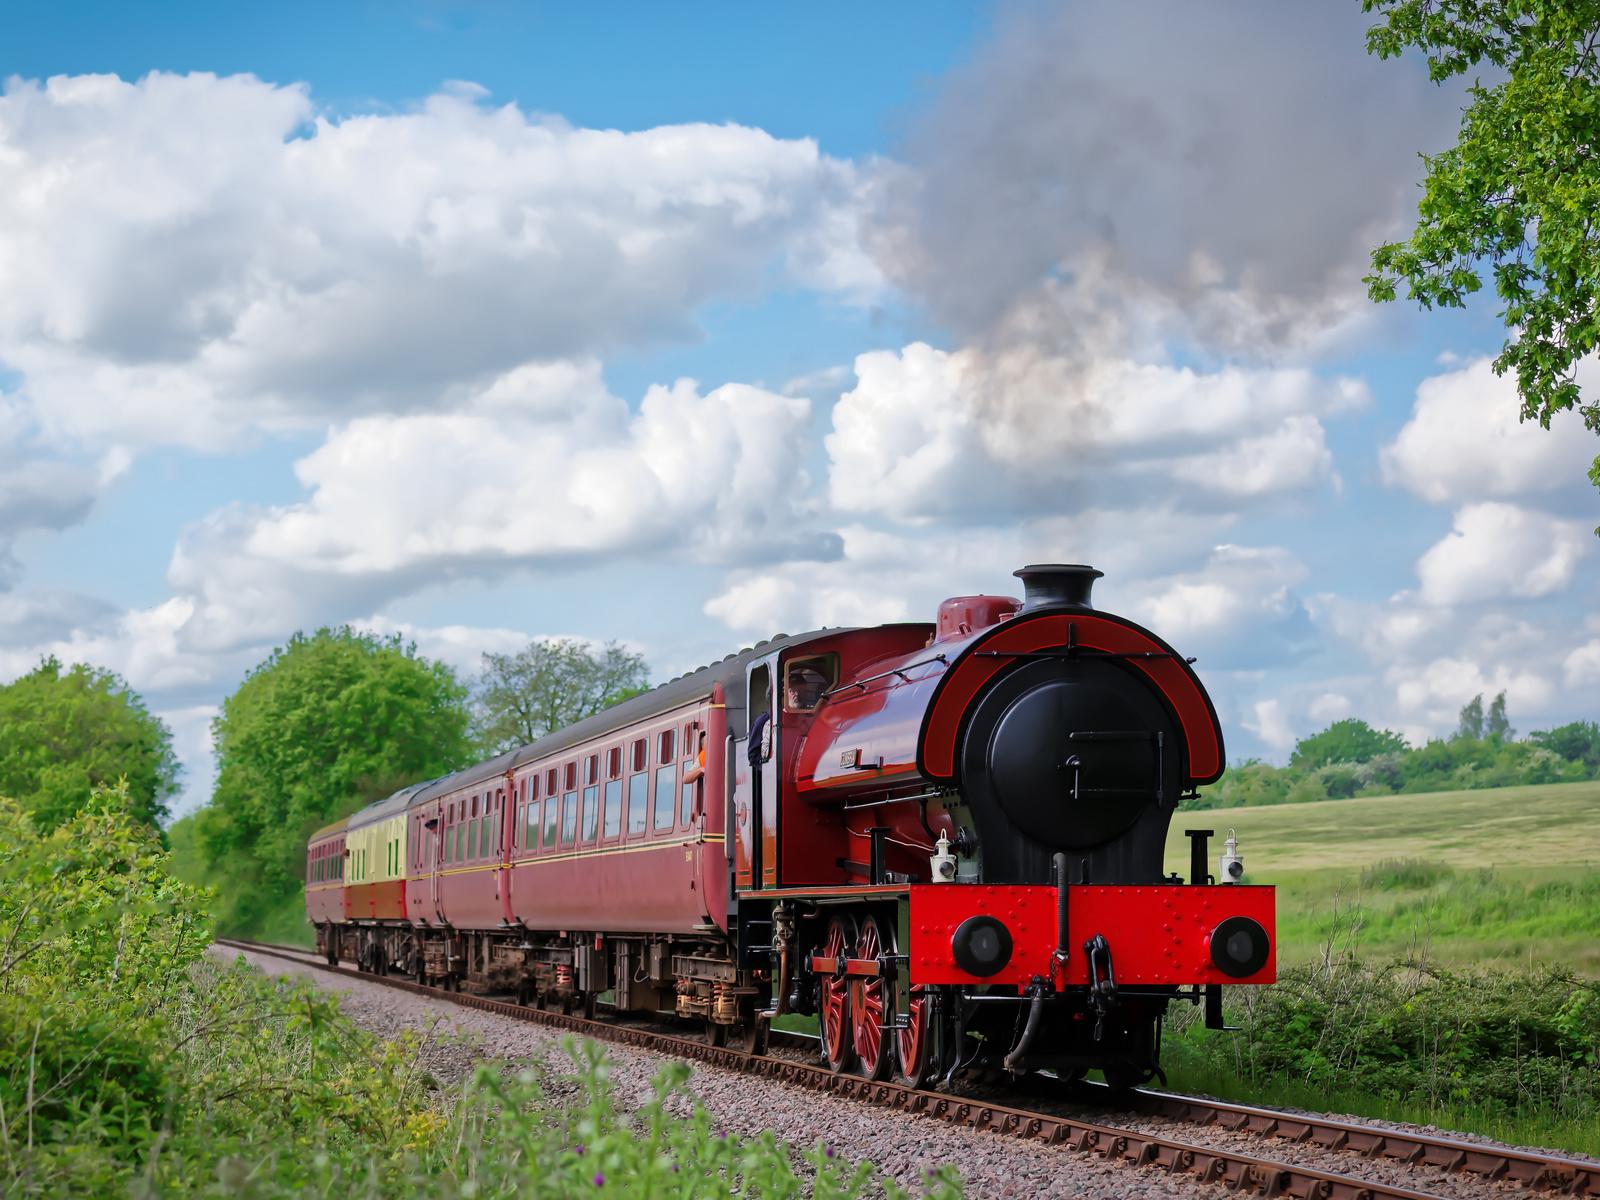 небо, облака, поезд, вагоны, паровоз, дым